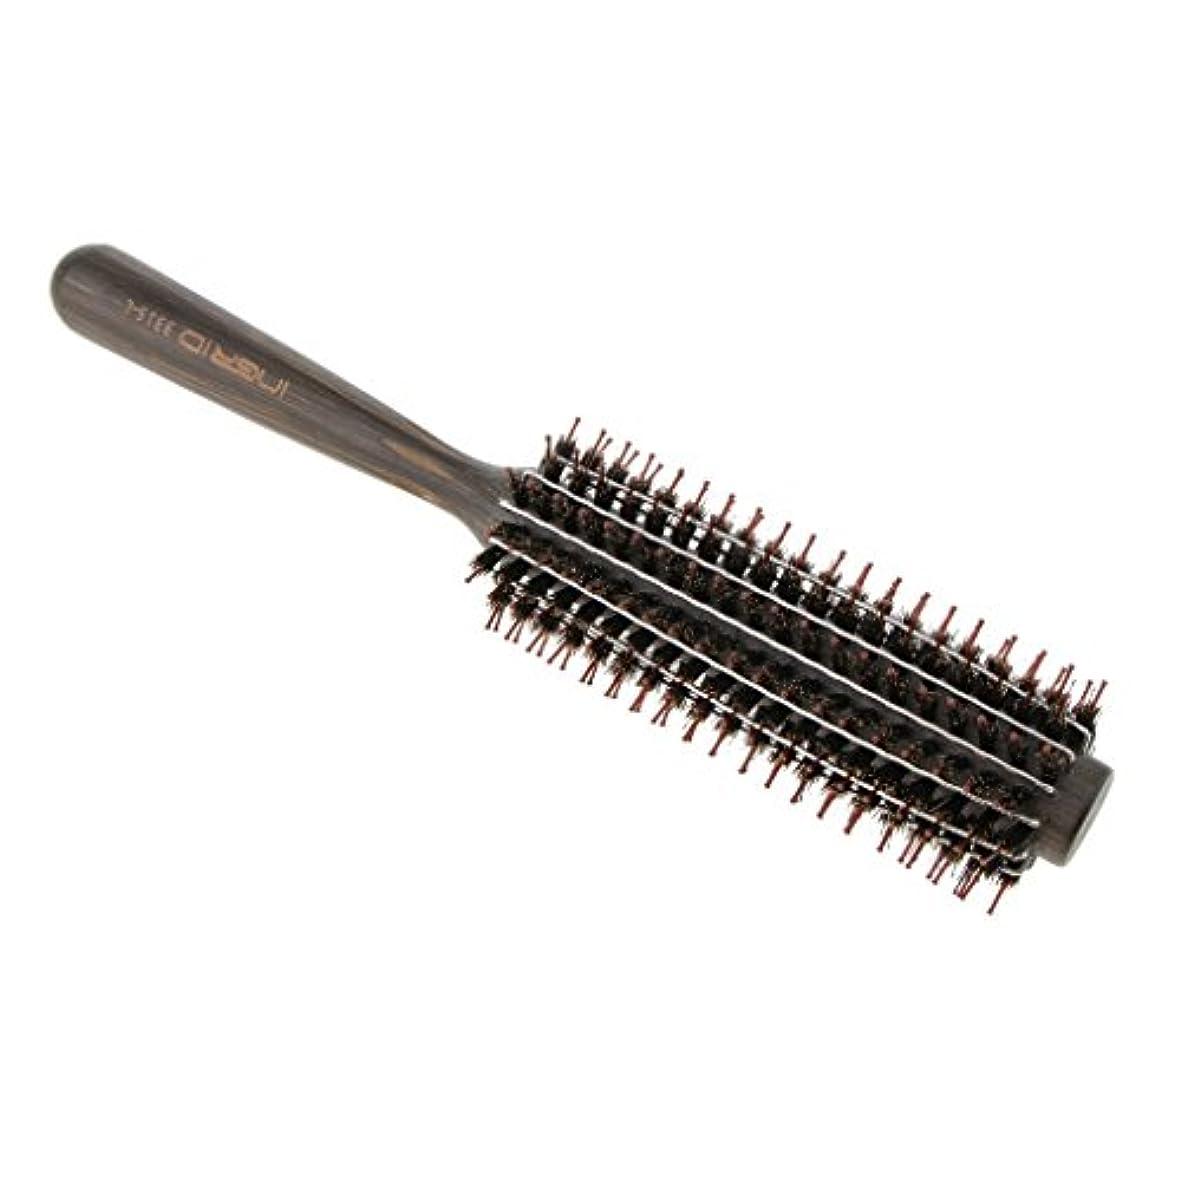 毒エイズ空洞Perfk ロールブラシ ヘアブラシ カール 巻き髪  ヘアコーム 3サイズ選べる  - L